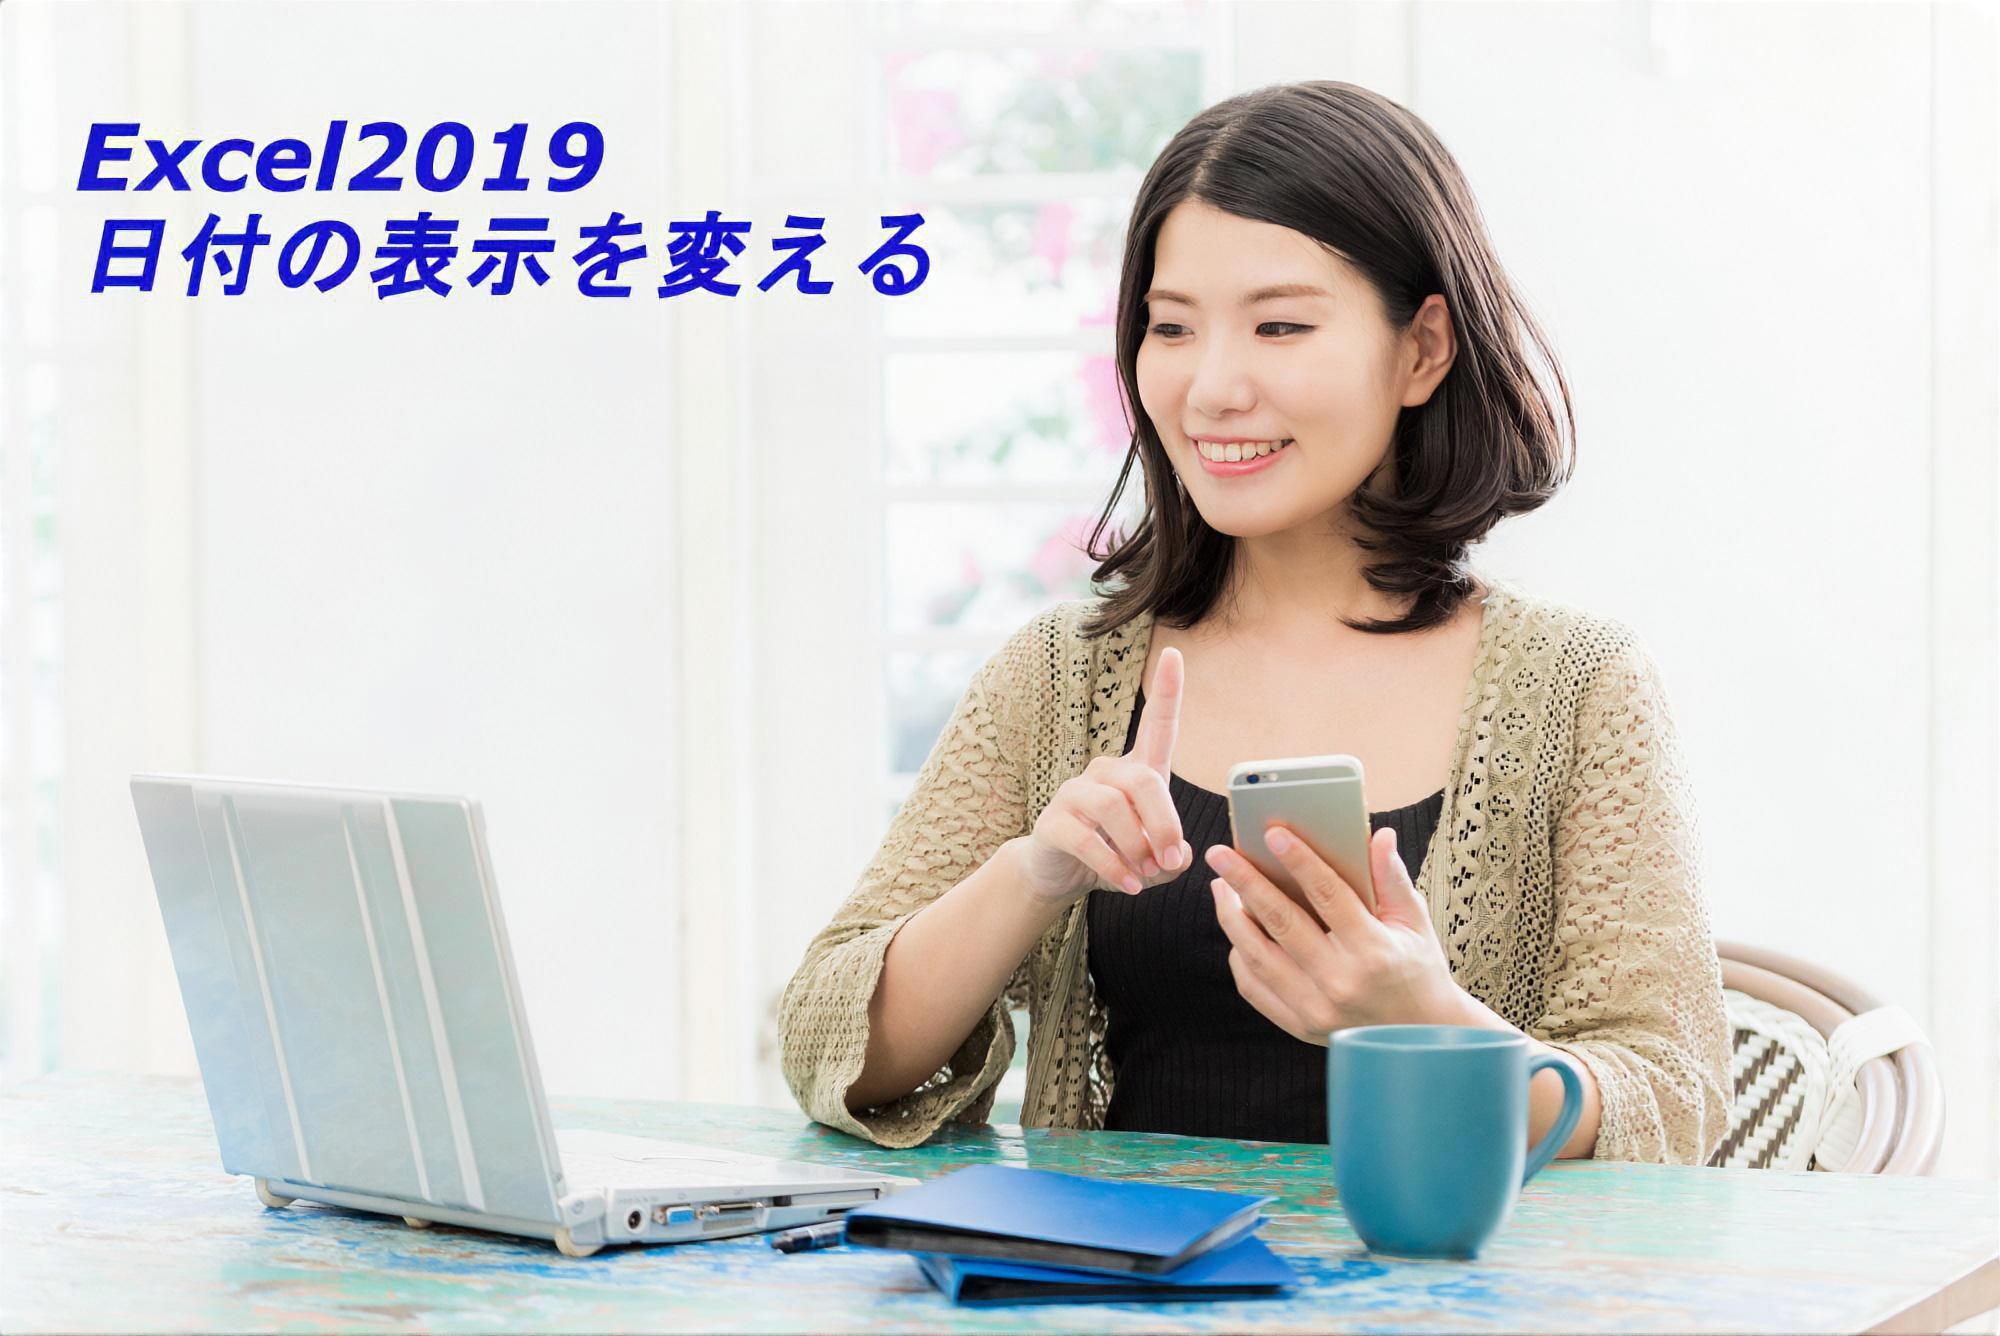 Excel 2019 日付の表示を変える